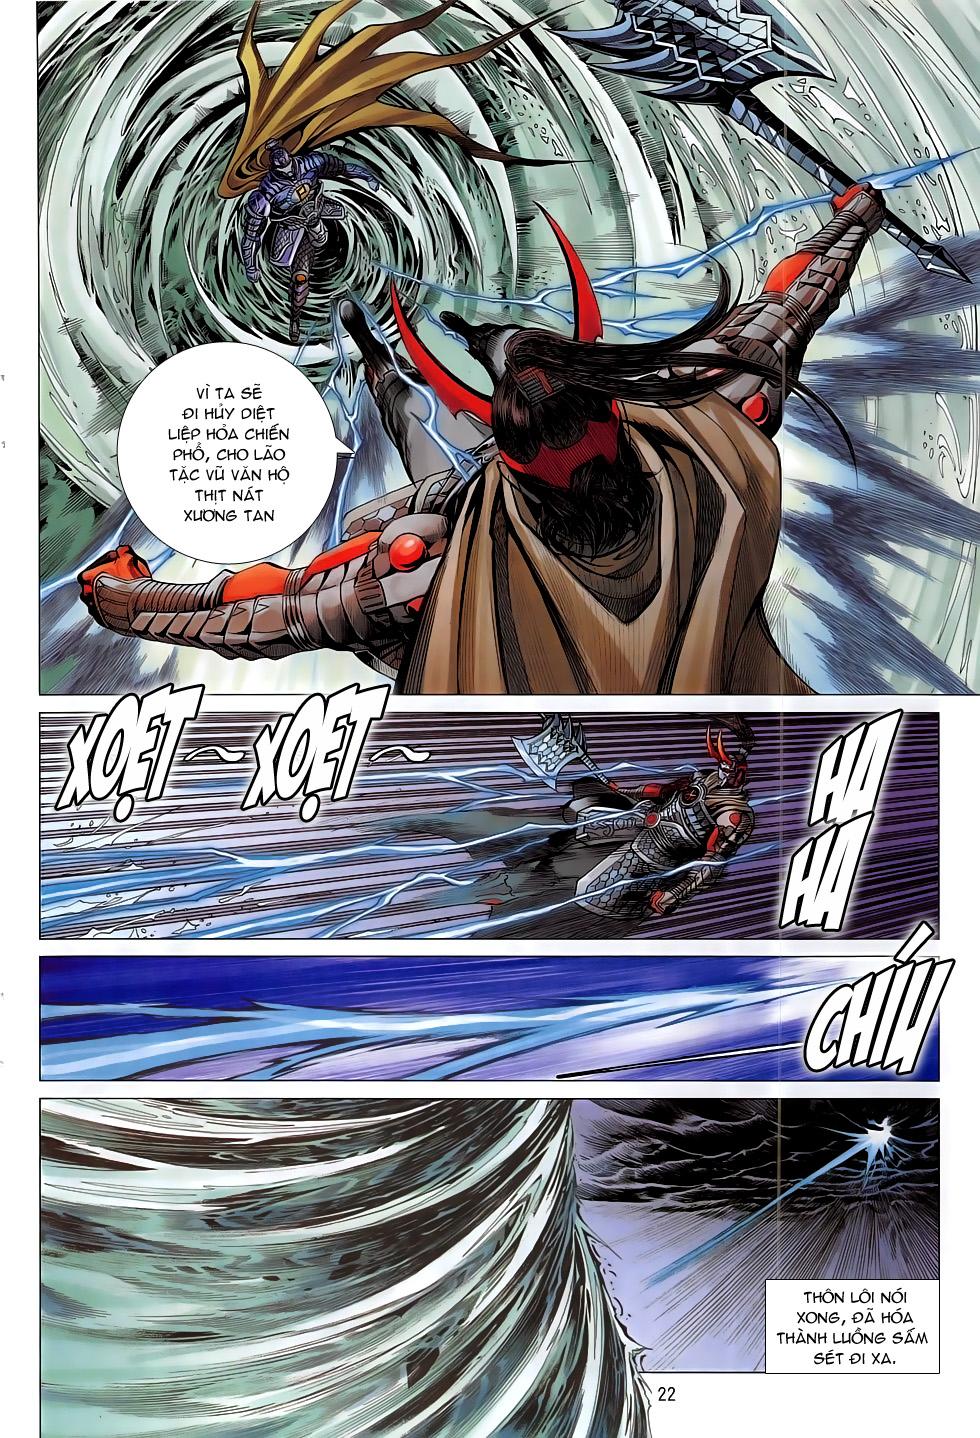 Chiến Phổ chapter 13: trận liệt tại tiền trang 22